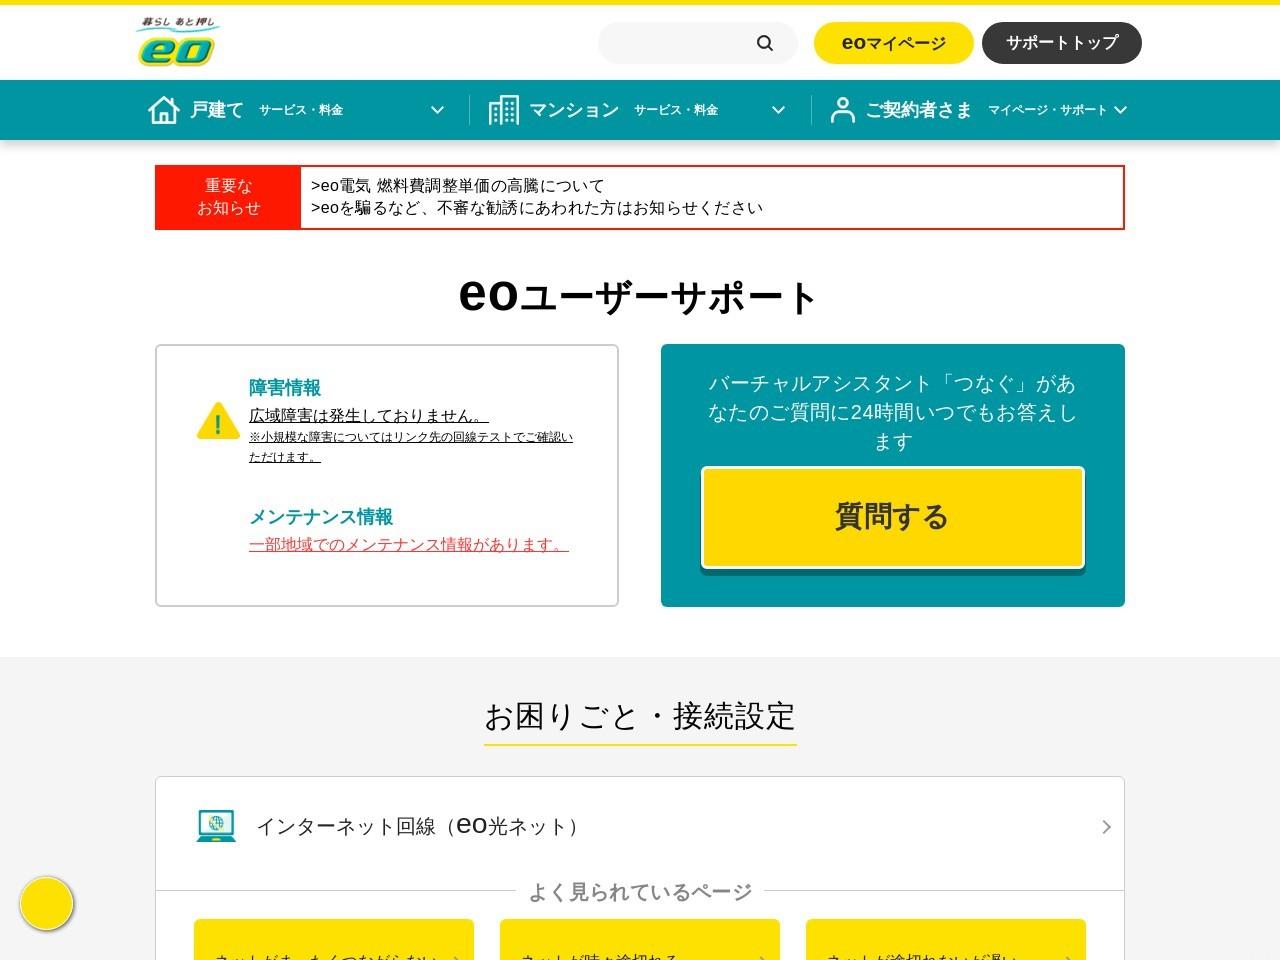 ニッポンレンタカー/堺駅南口営業所